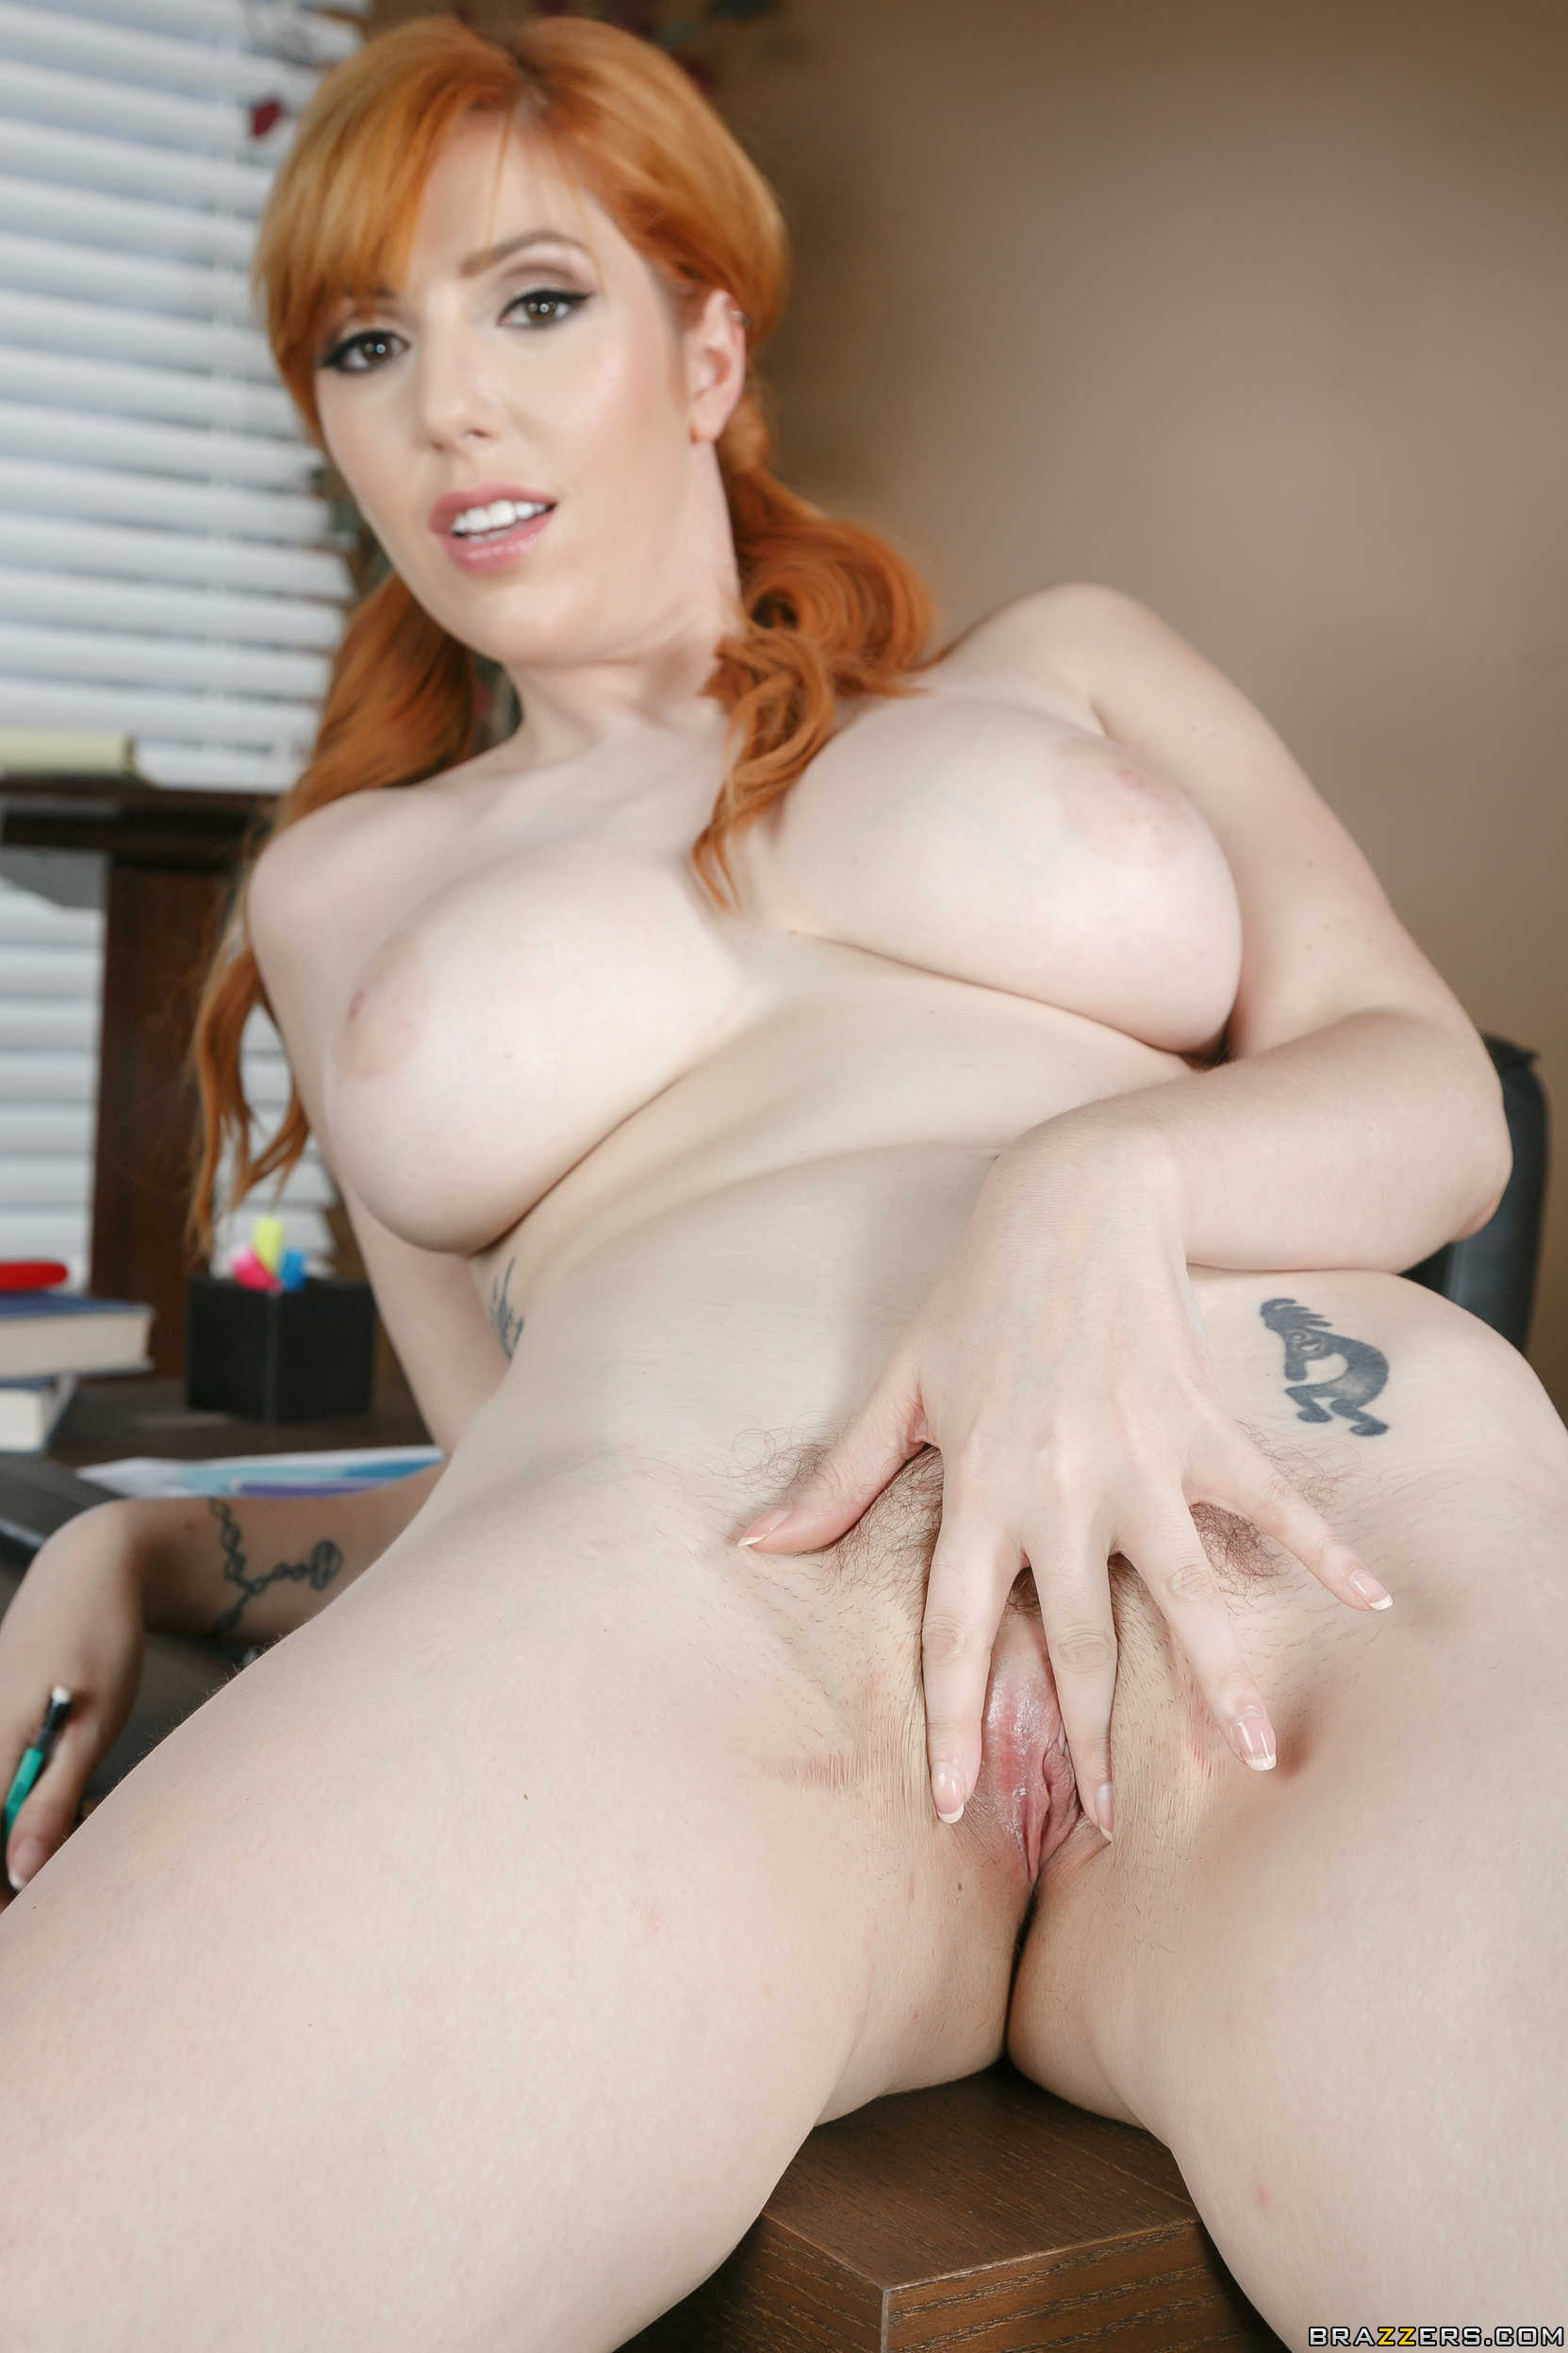 lauren phillips nude pictures. rating = 8.50/10